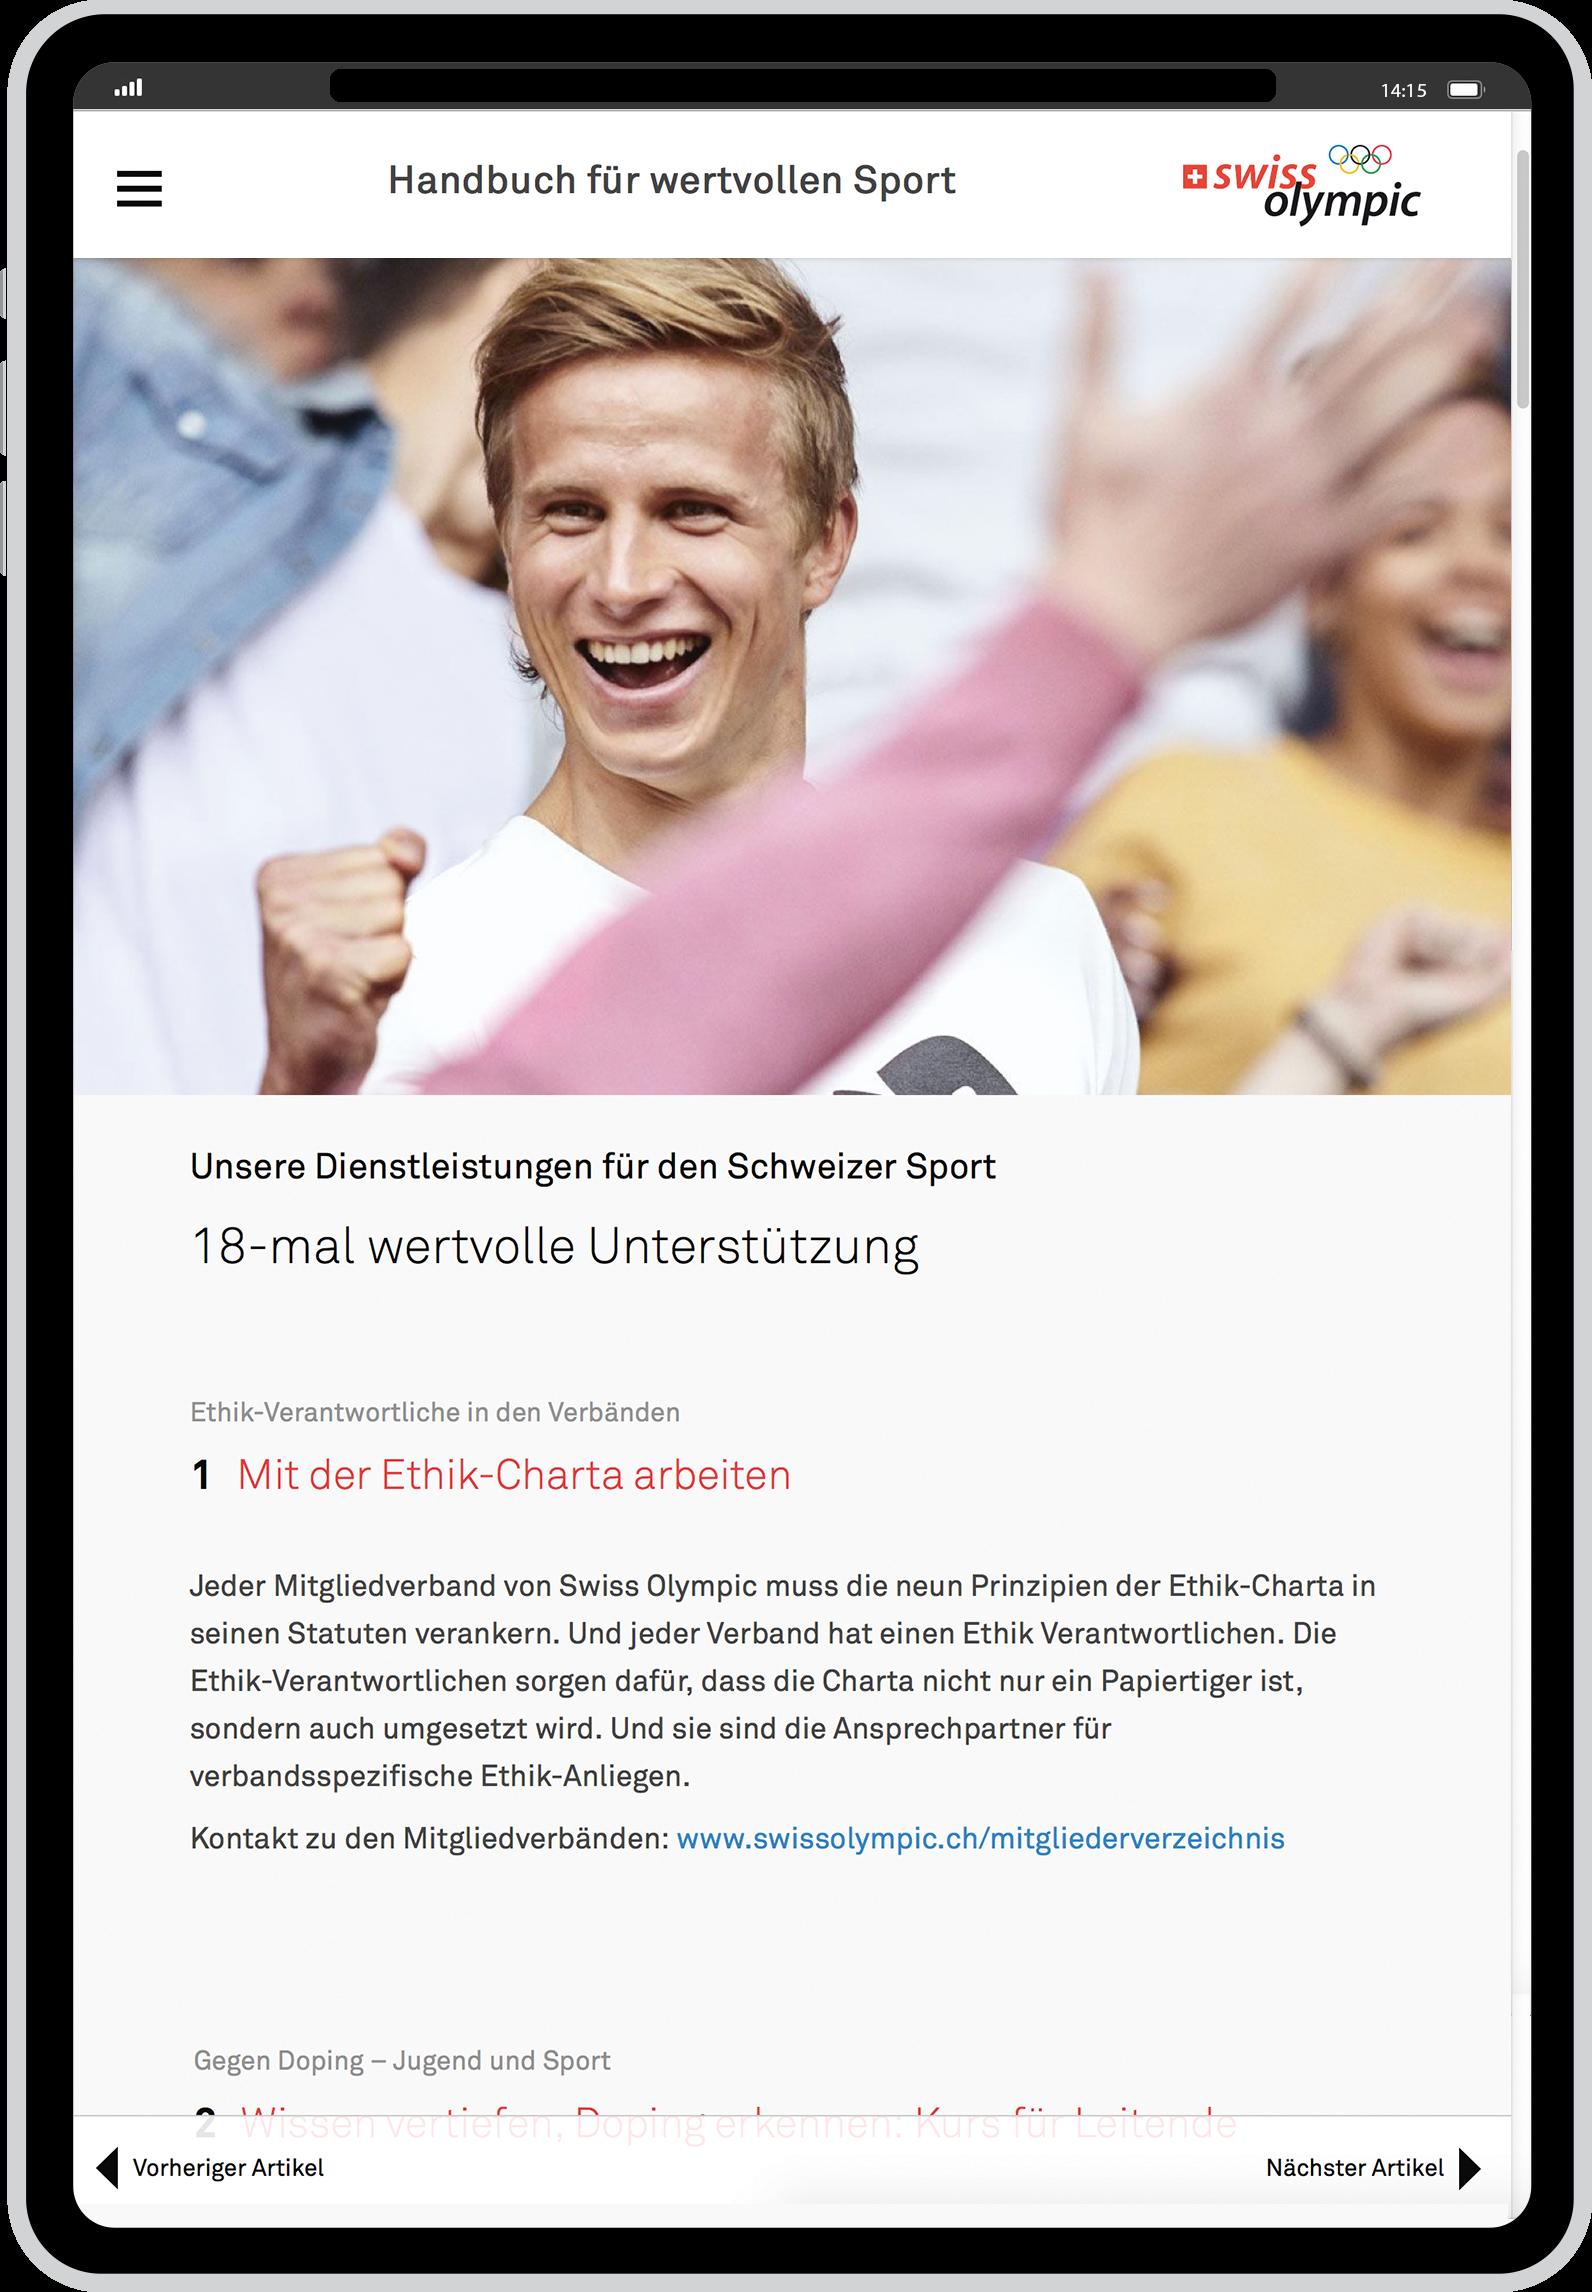 Ethik-Charta für den Schweizer Sport überraschend platzieren.